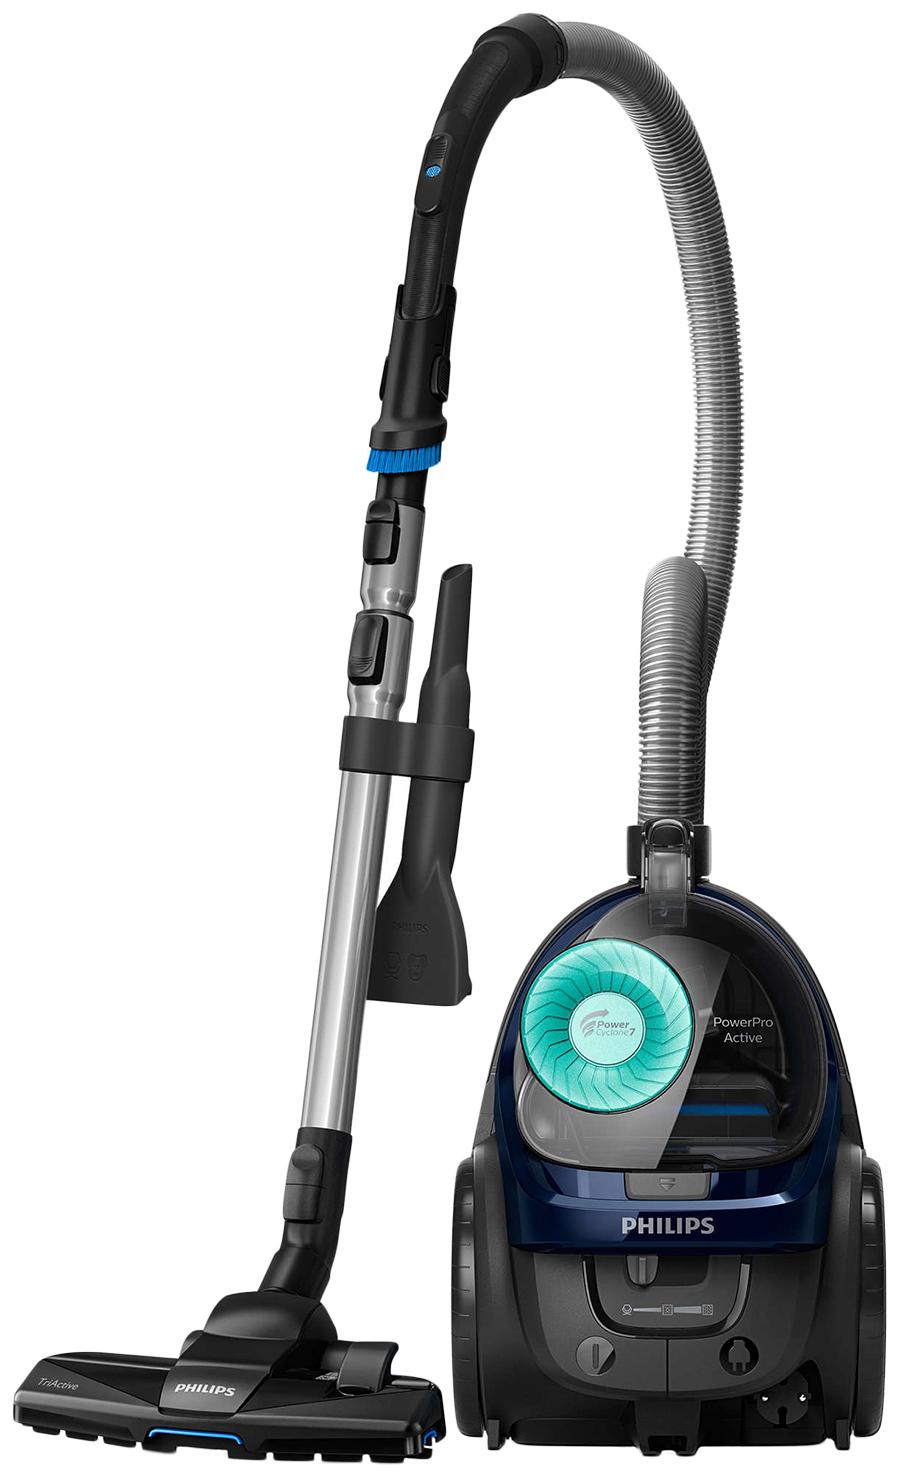 Пылесос Philips PowerPro Active FC 9573/01 Grey/Blue фото